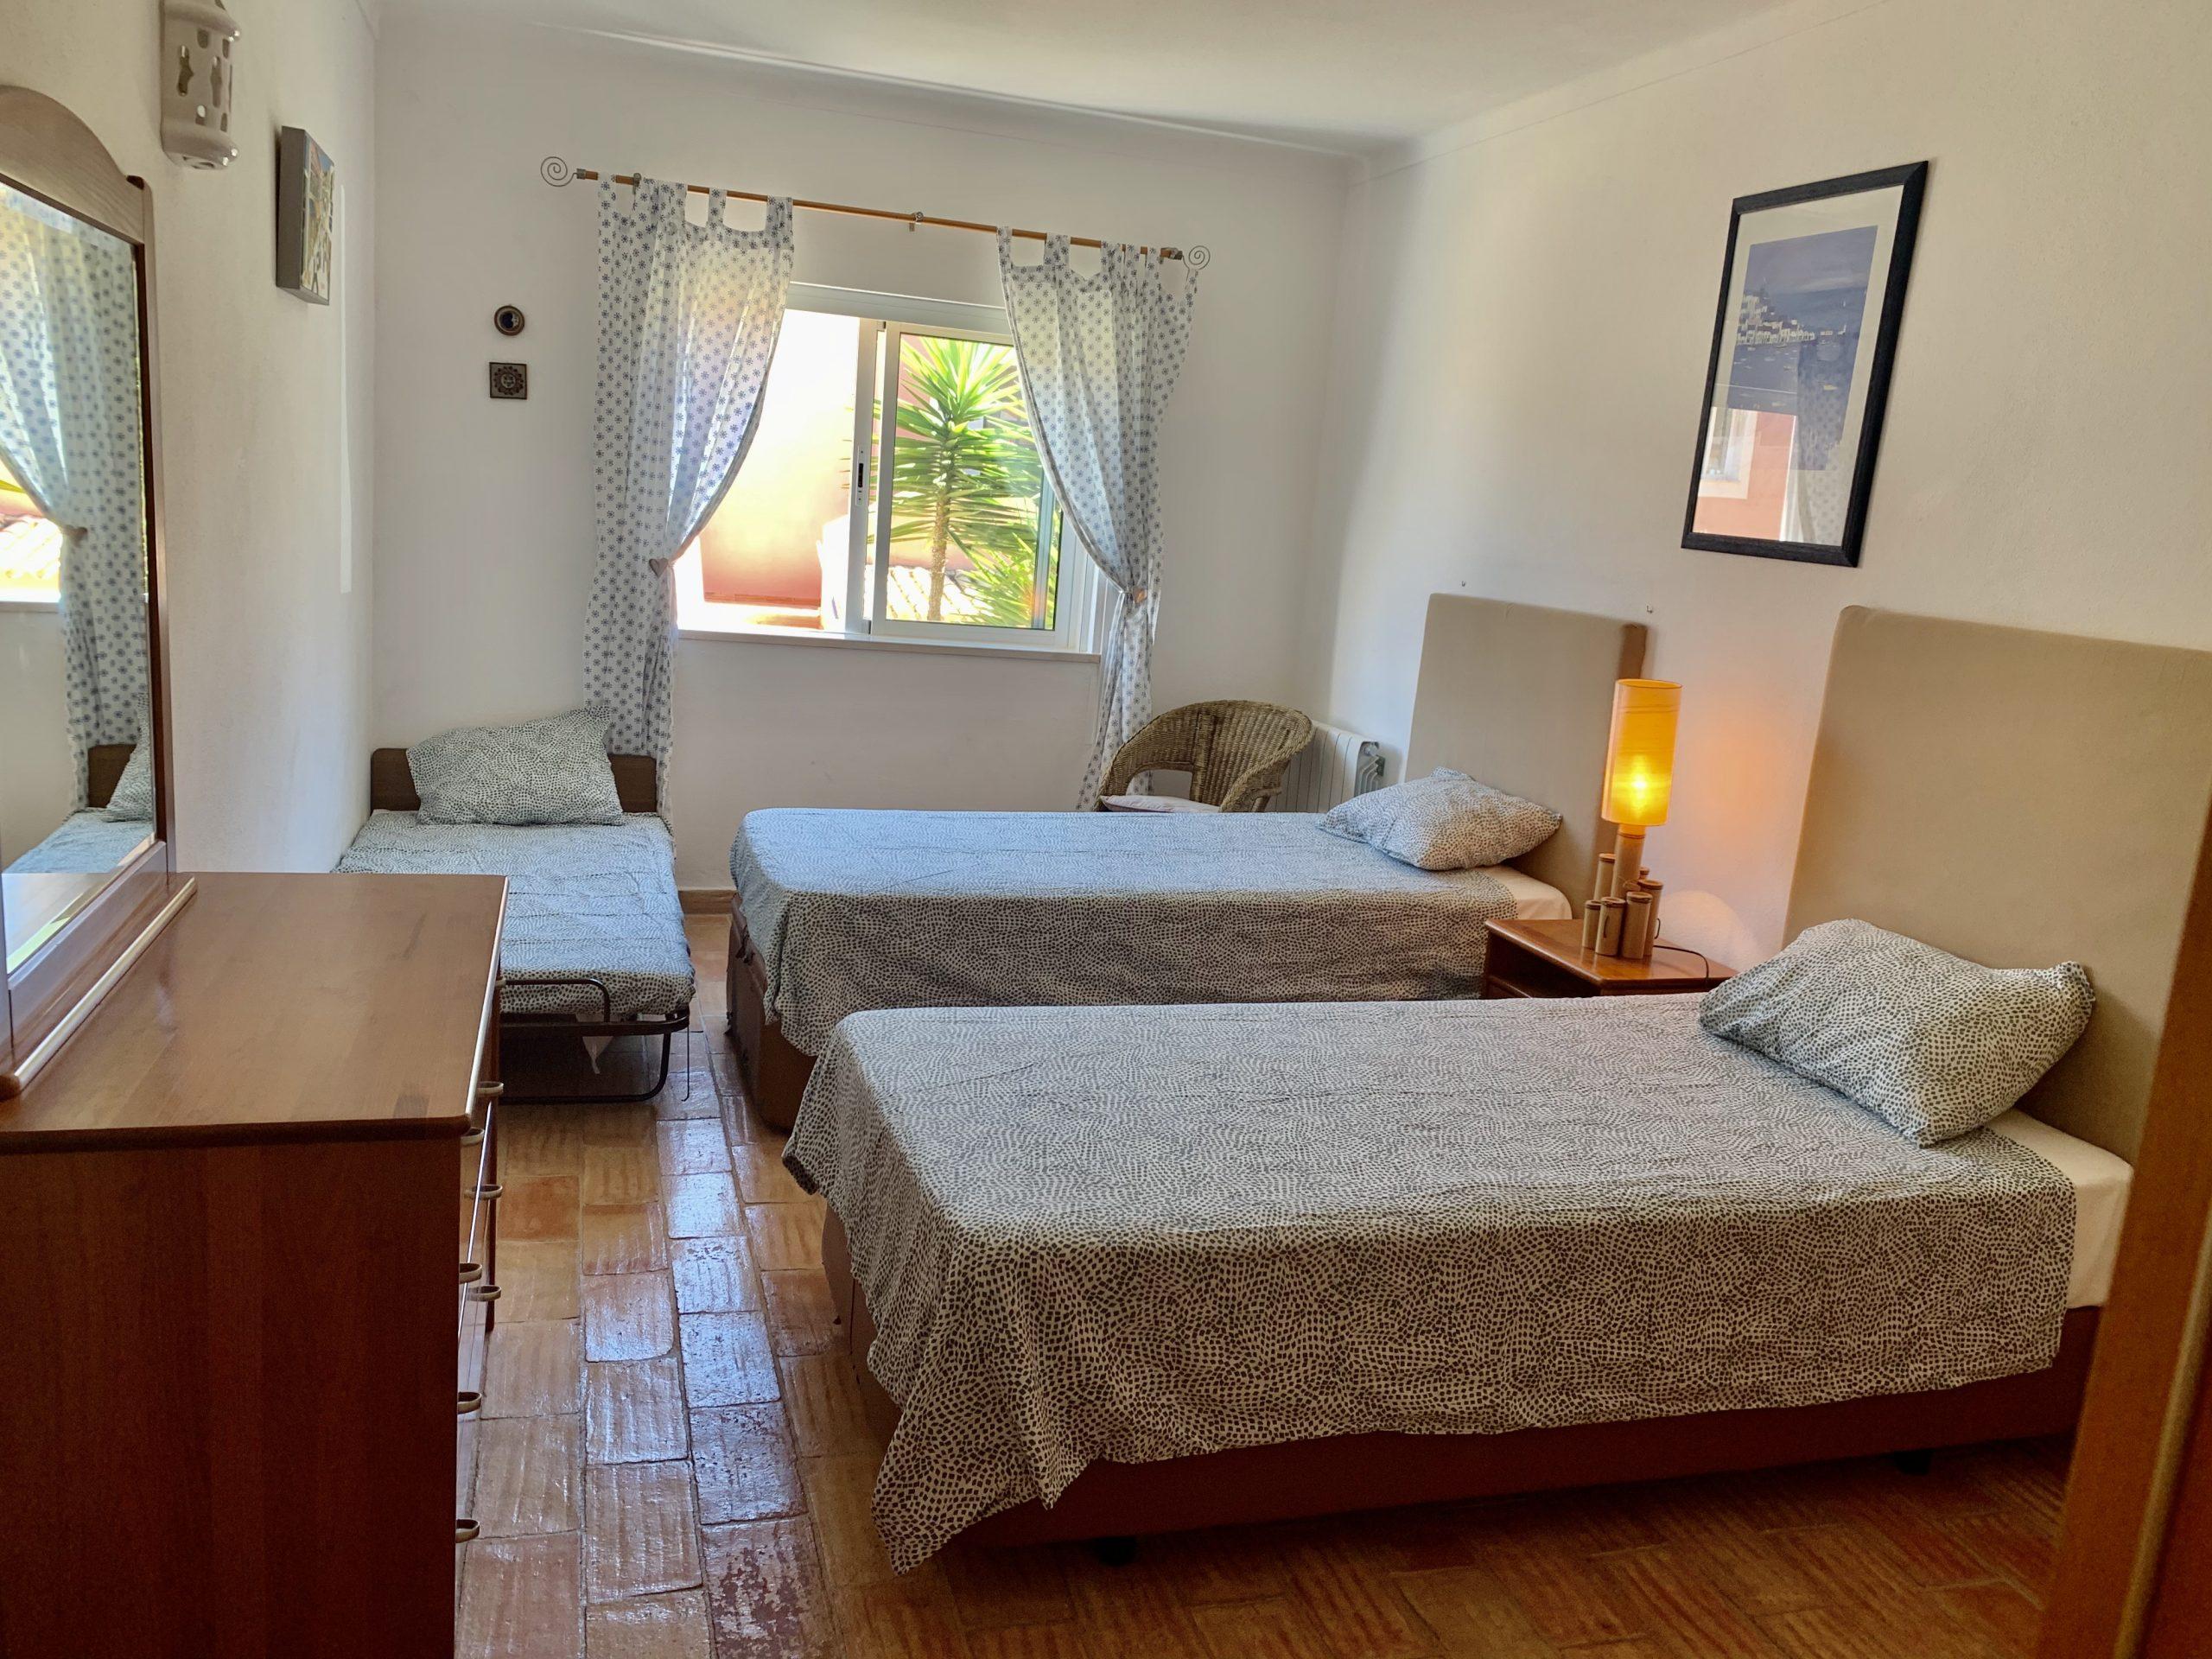 Location appartements et villas de vacance, Maison de vacances praia da Luz face à la mer à Lagos, Portugal Algarve, REF_IMG_2627_17924